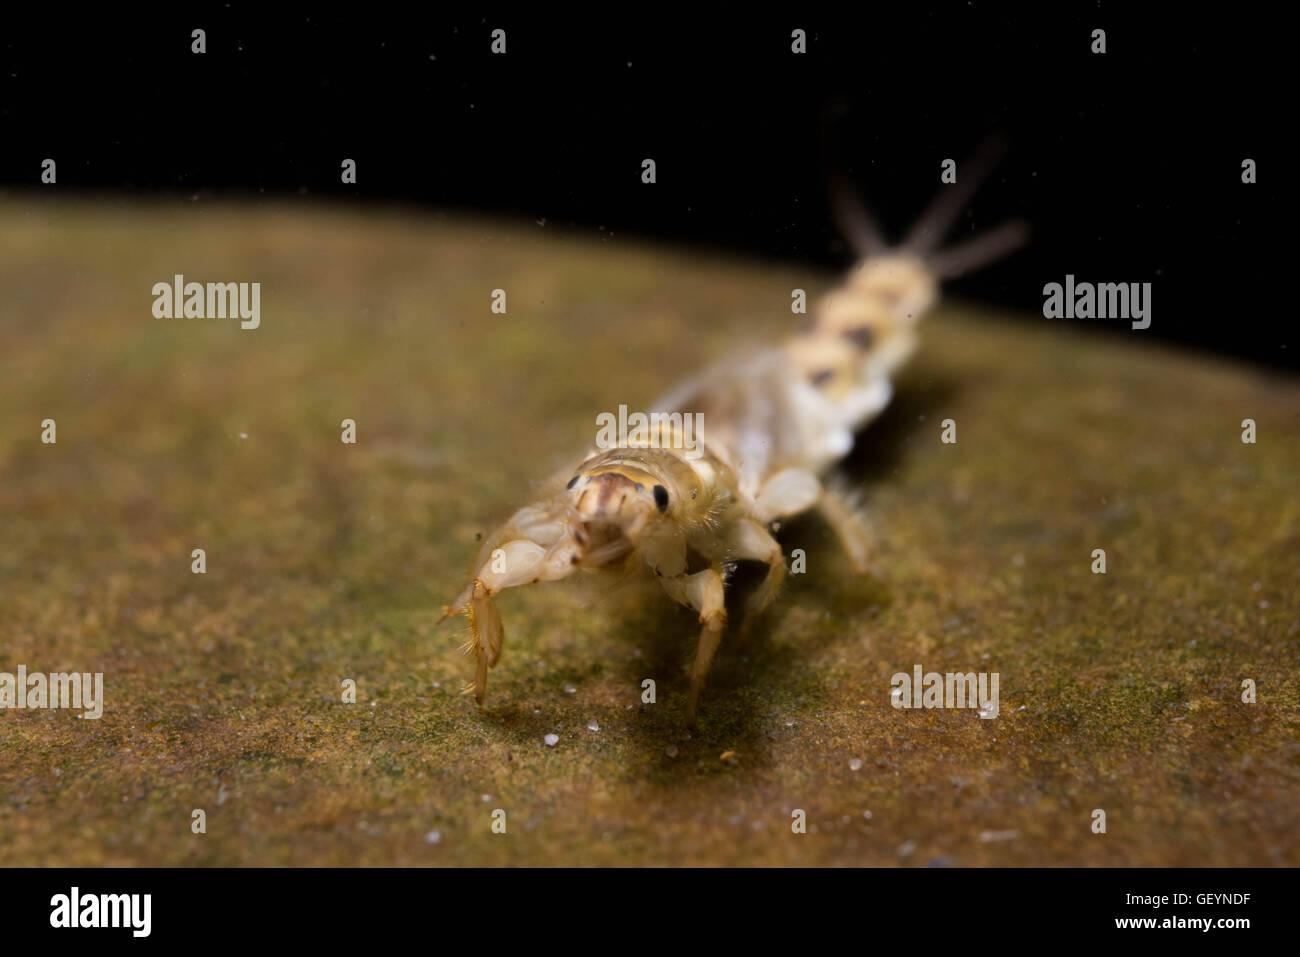 Brown Drake Ephemera simulans mayfly larvae - Stock Image